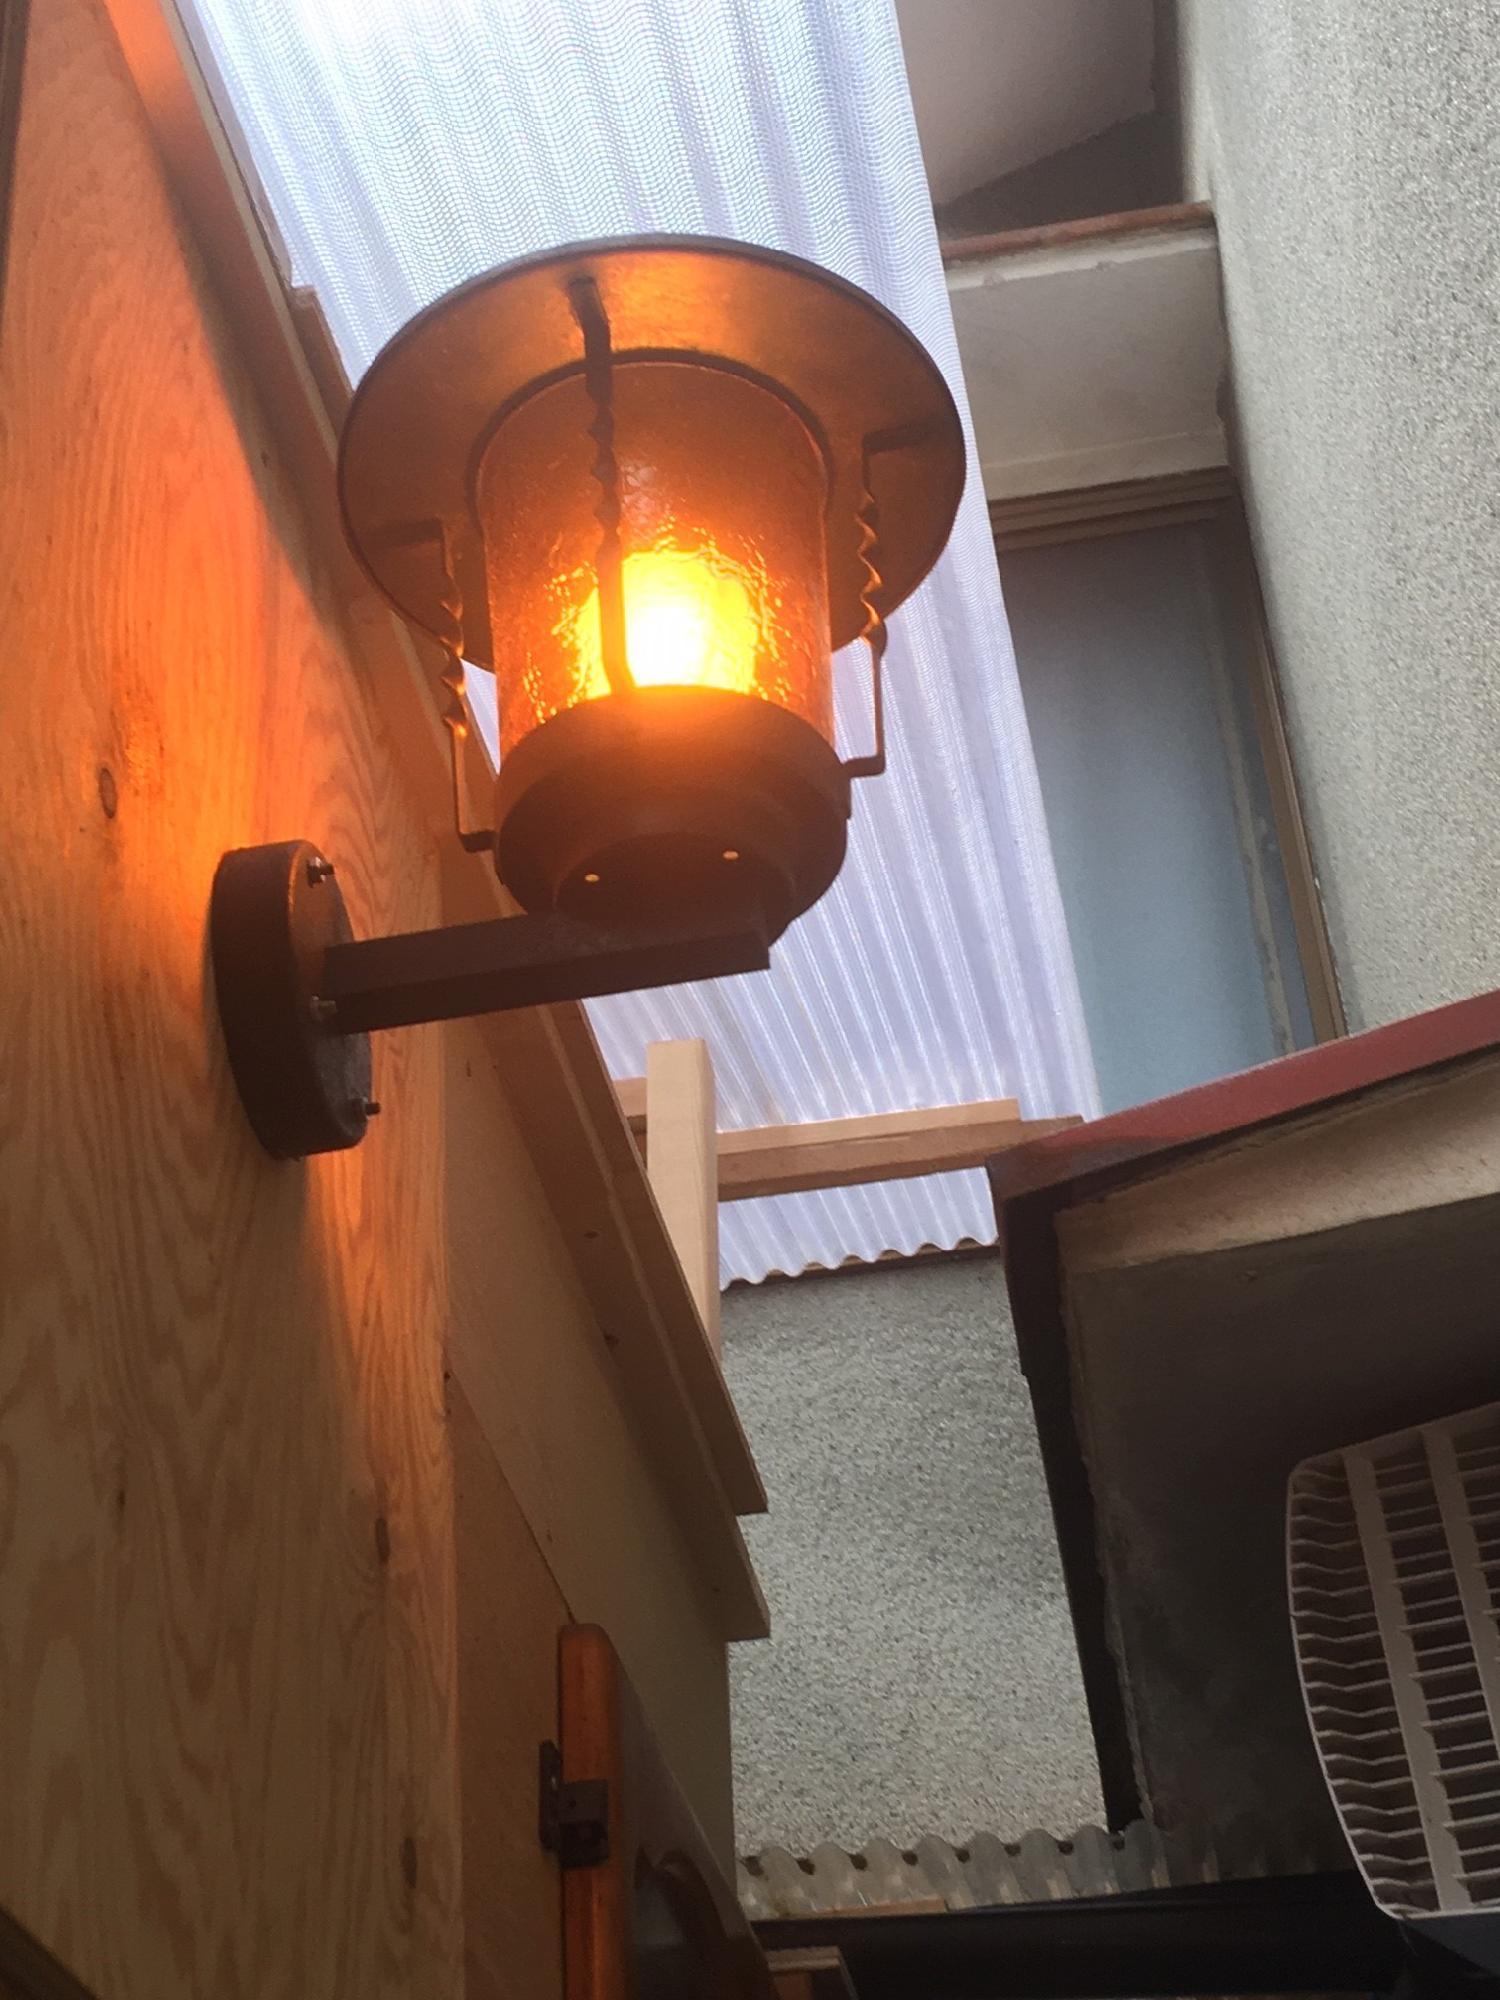 2020/06/14 20:00:00 京都市下京区DIY